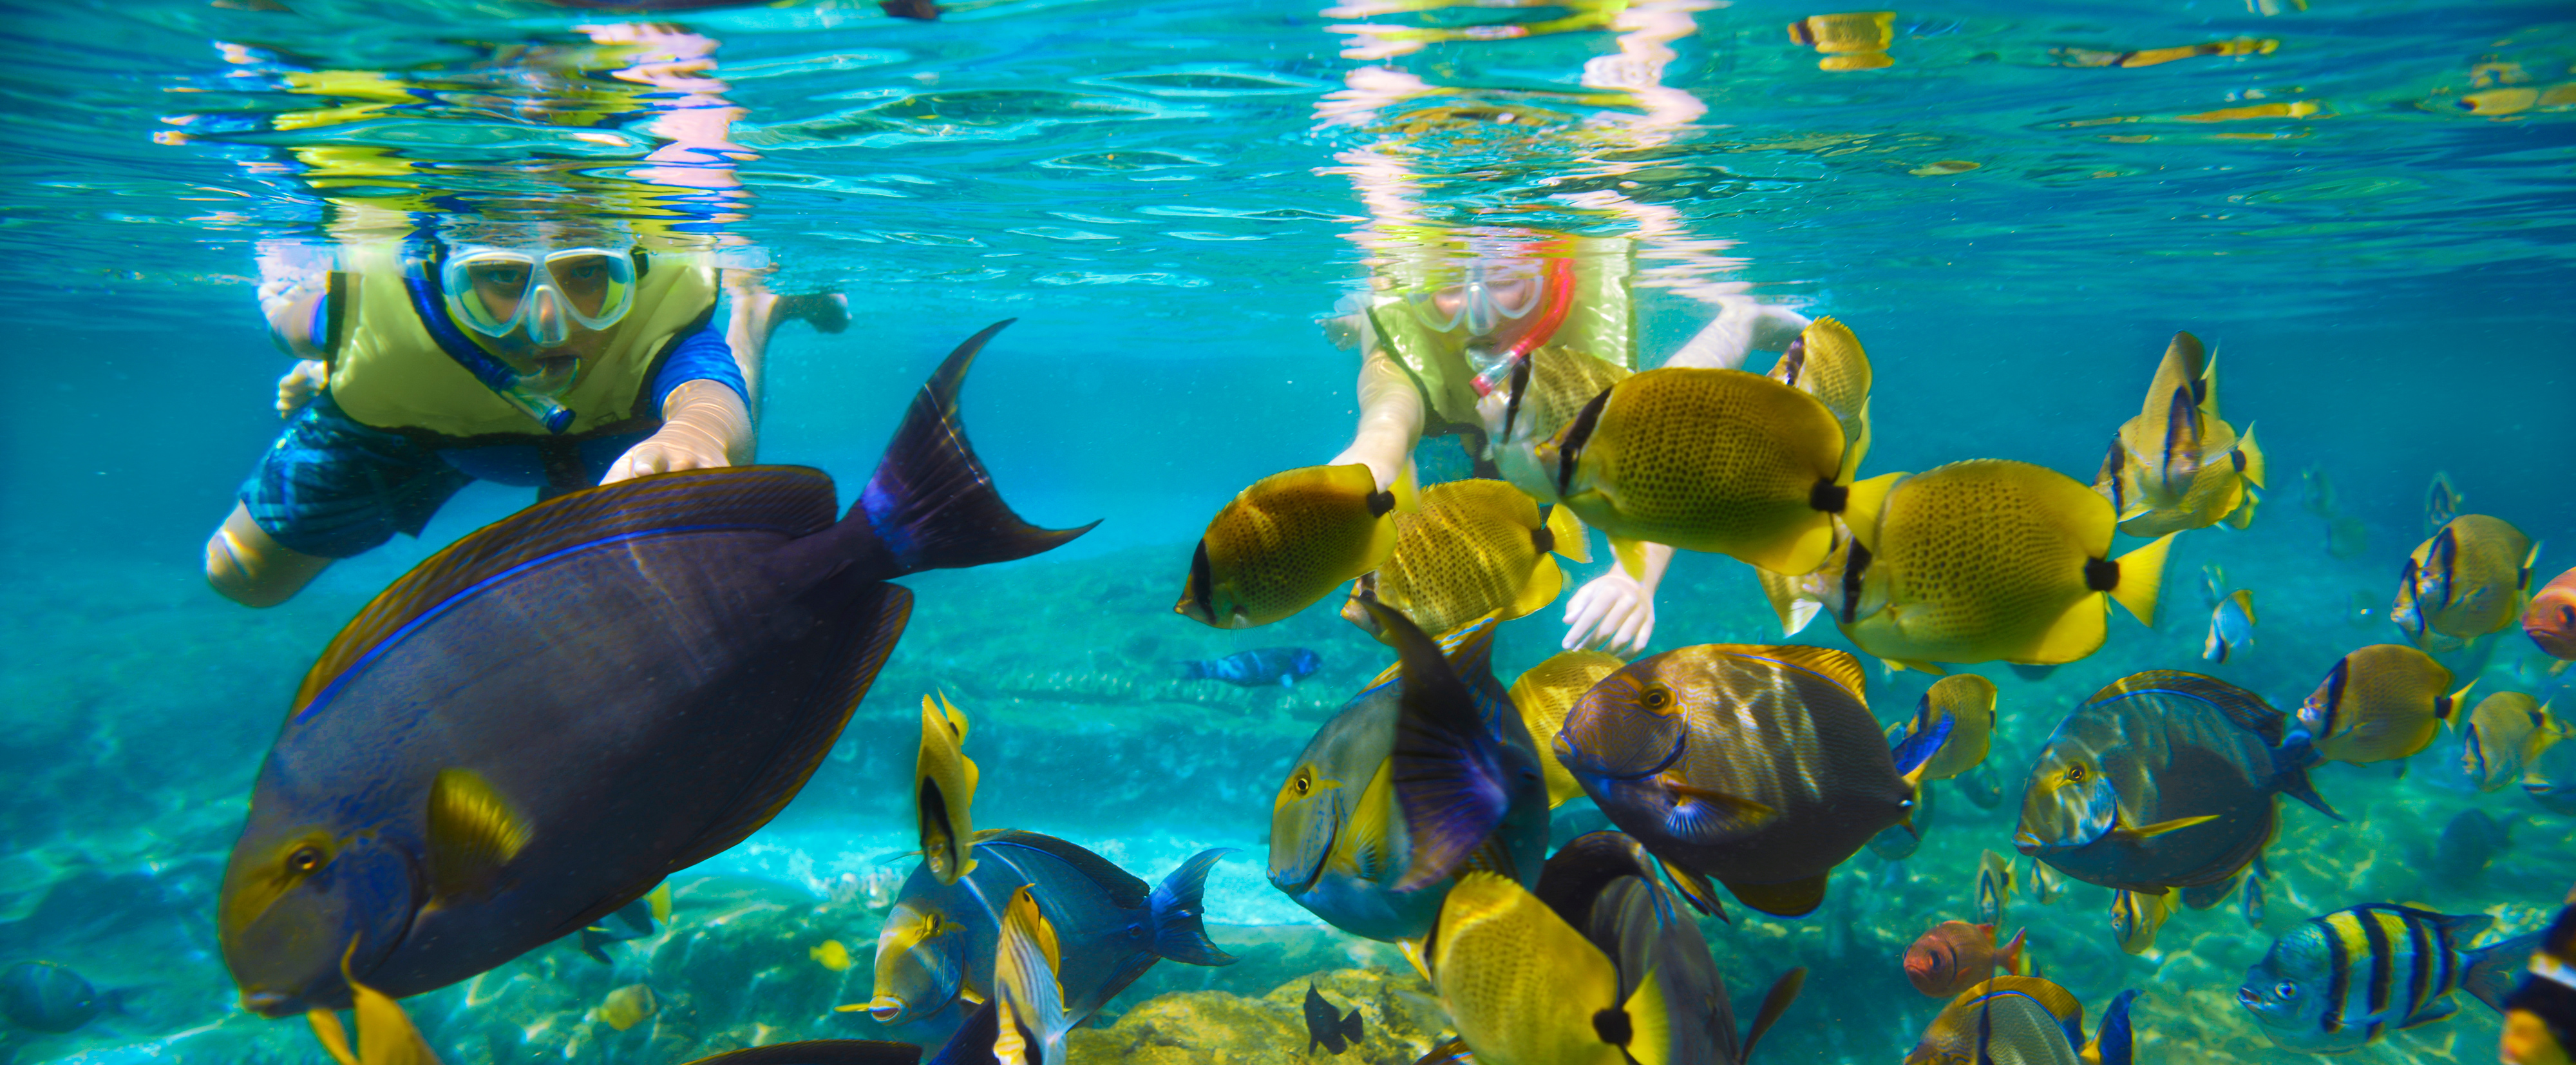 レインボー・リーフでシュノーケリングを楽しみながら熱帯魚の群れに向かって泳ぐ若いゲストたち